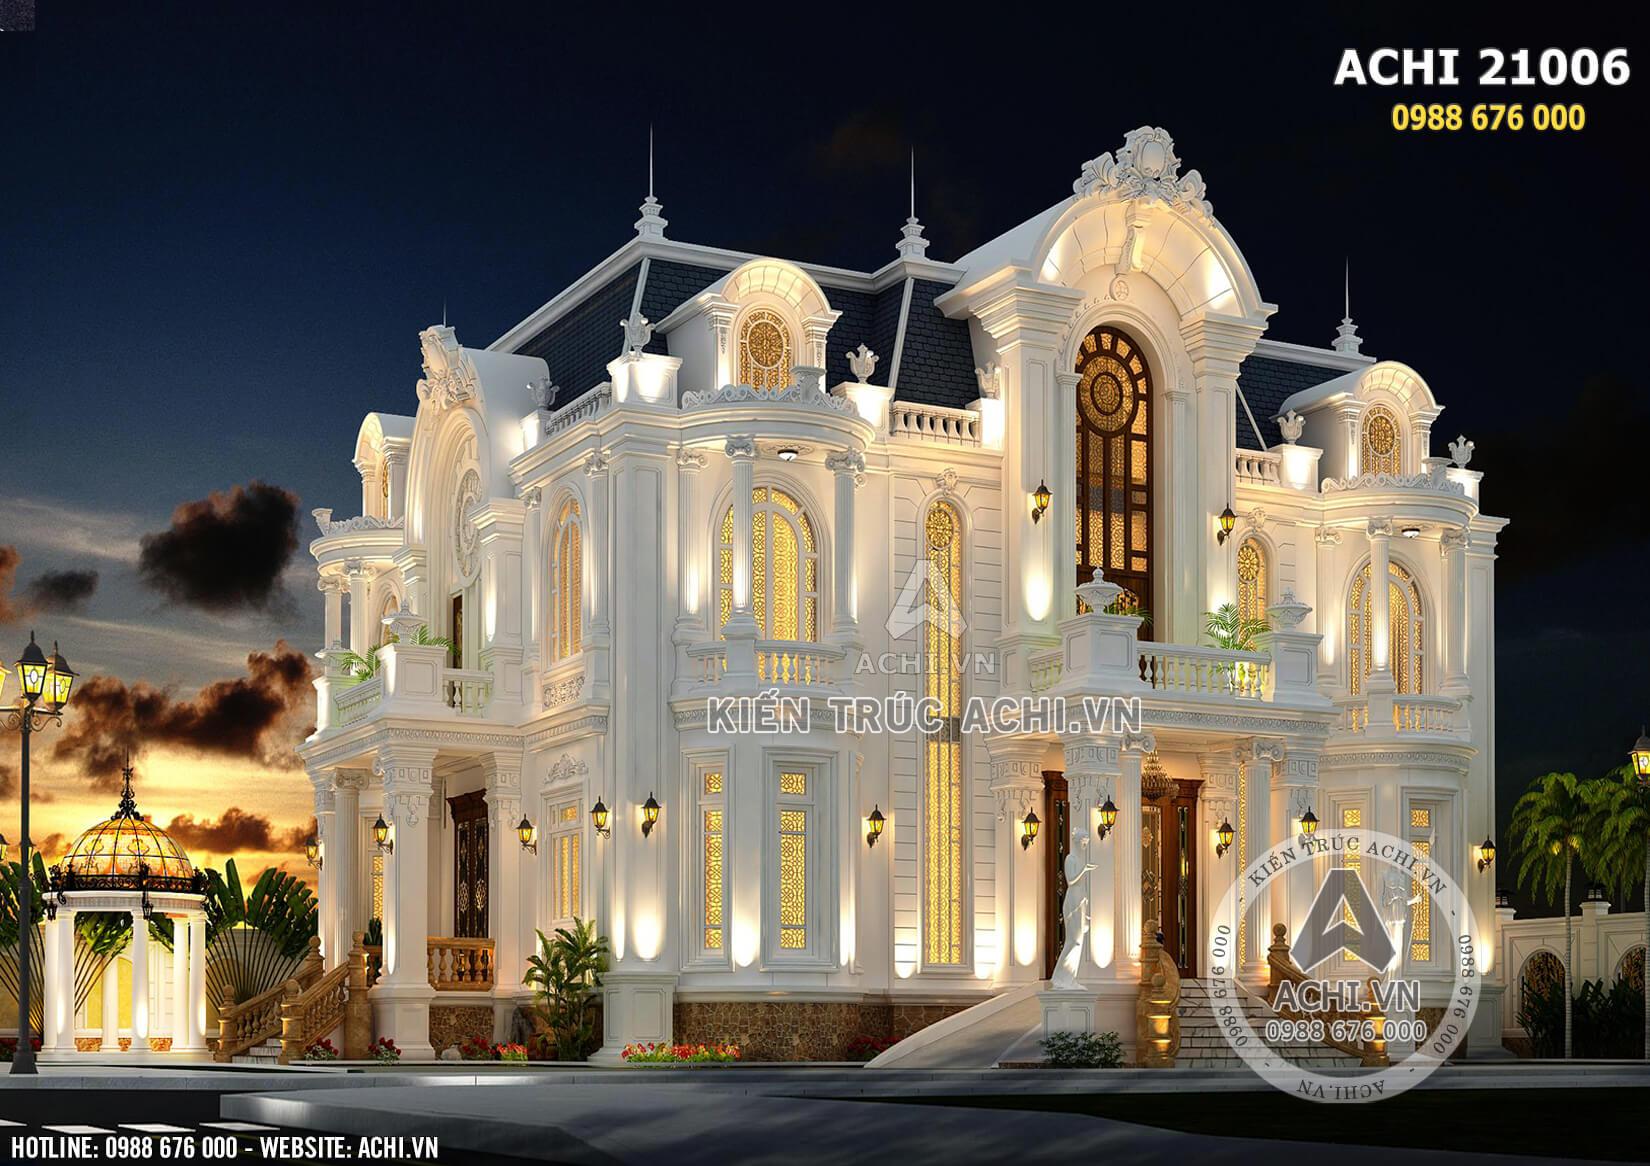 Kiến trúc Pháp đặc trưng làm nổi bật mẫu biệt thự tân cổ điển 3 tầng